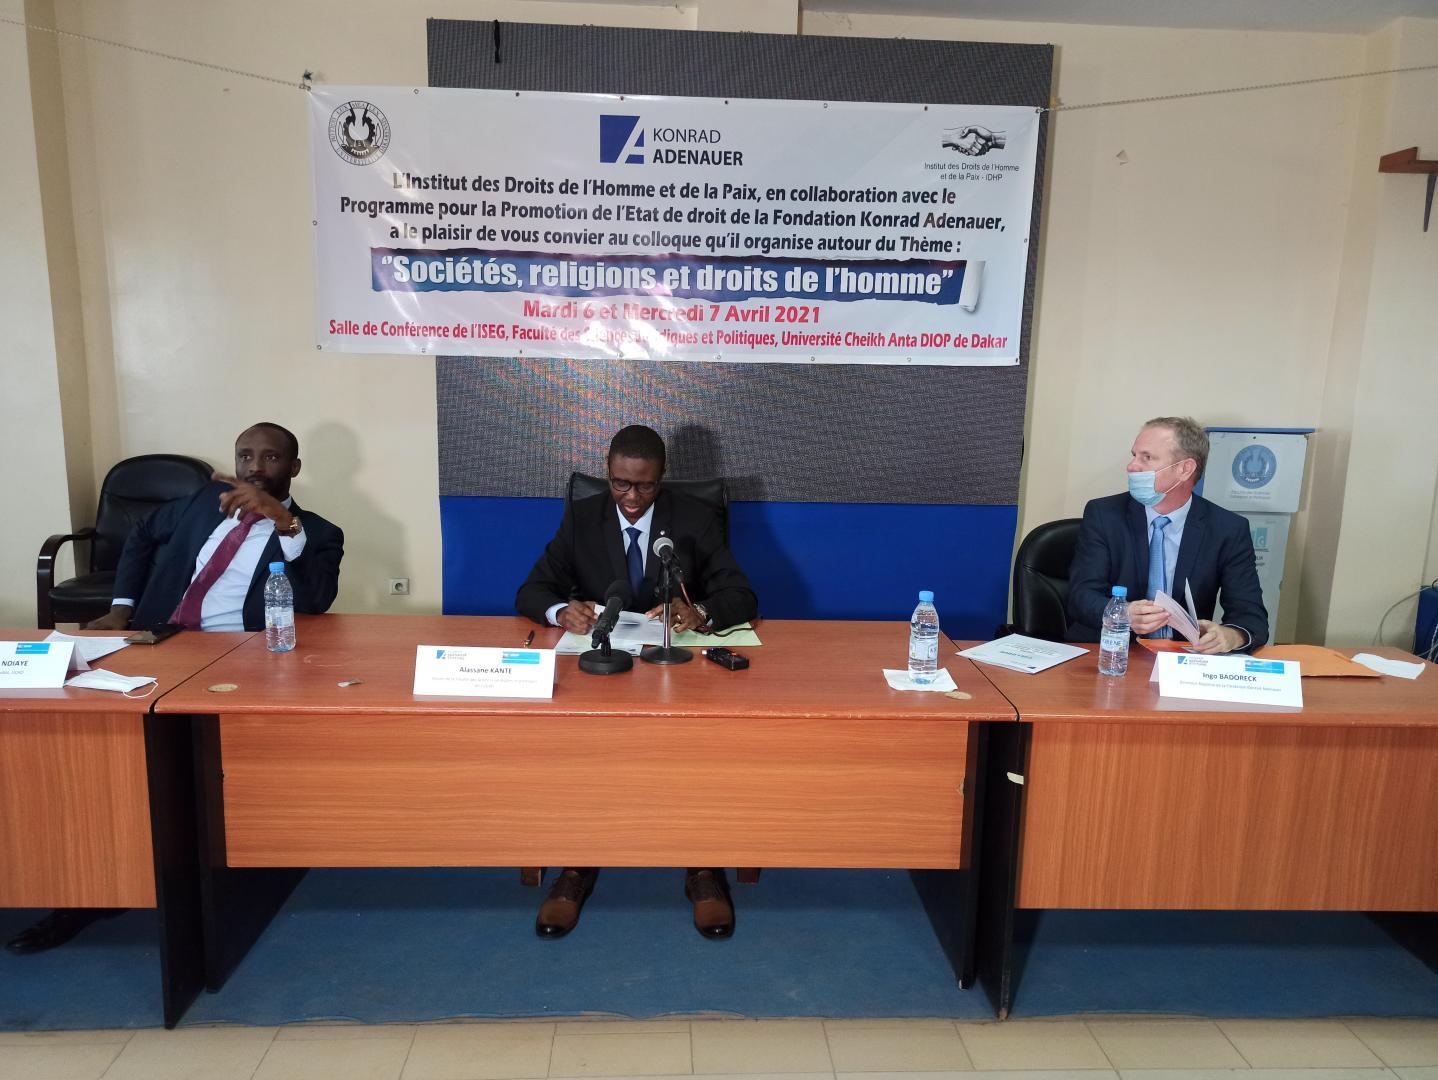 A droite, Ingo Badoreck, directeur régional du Programme pour la promotion de l'Etat de droit en Afrique subsaharienne de la Fondation Konrad Adenauer (image d'archive).